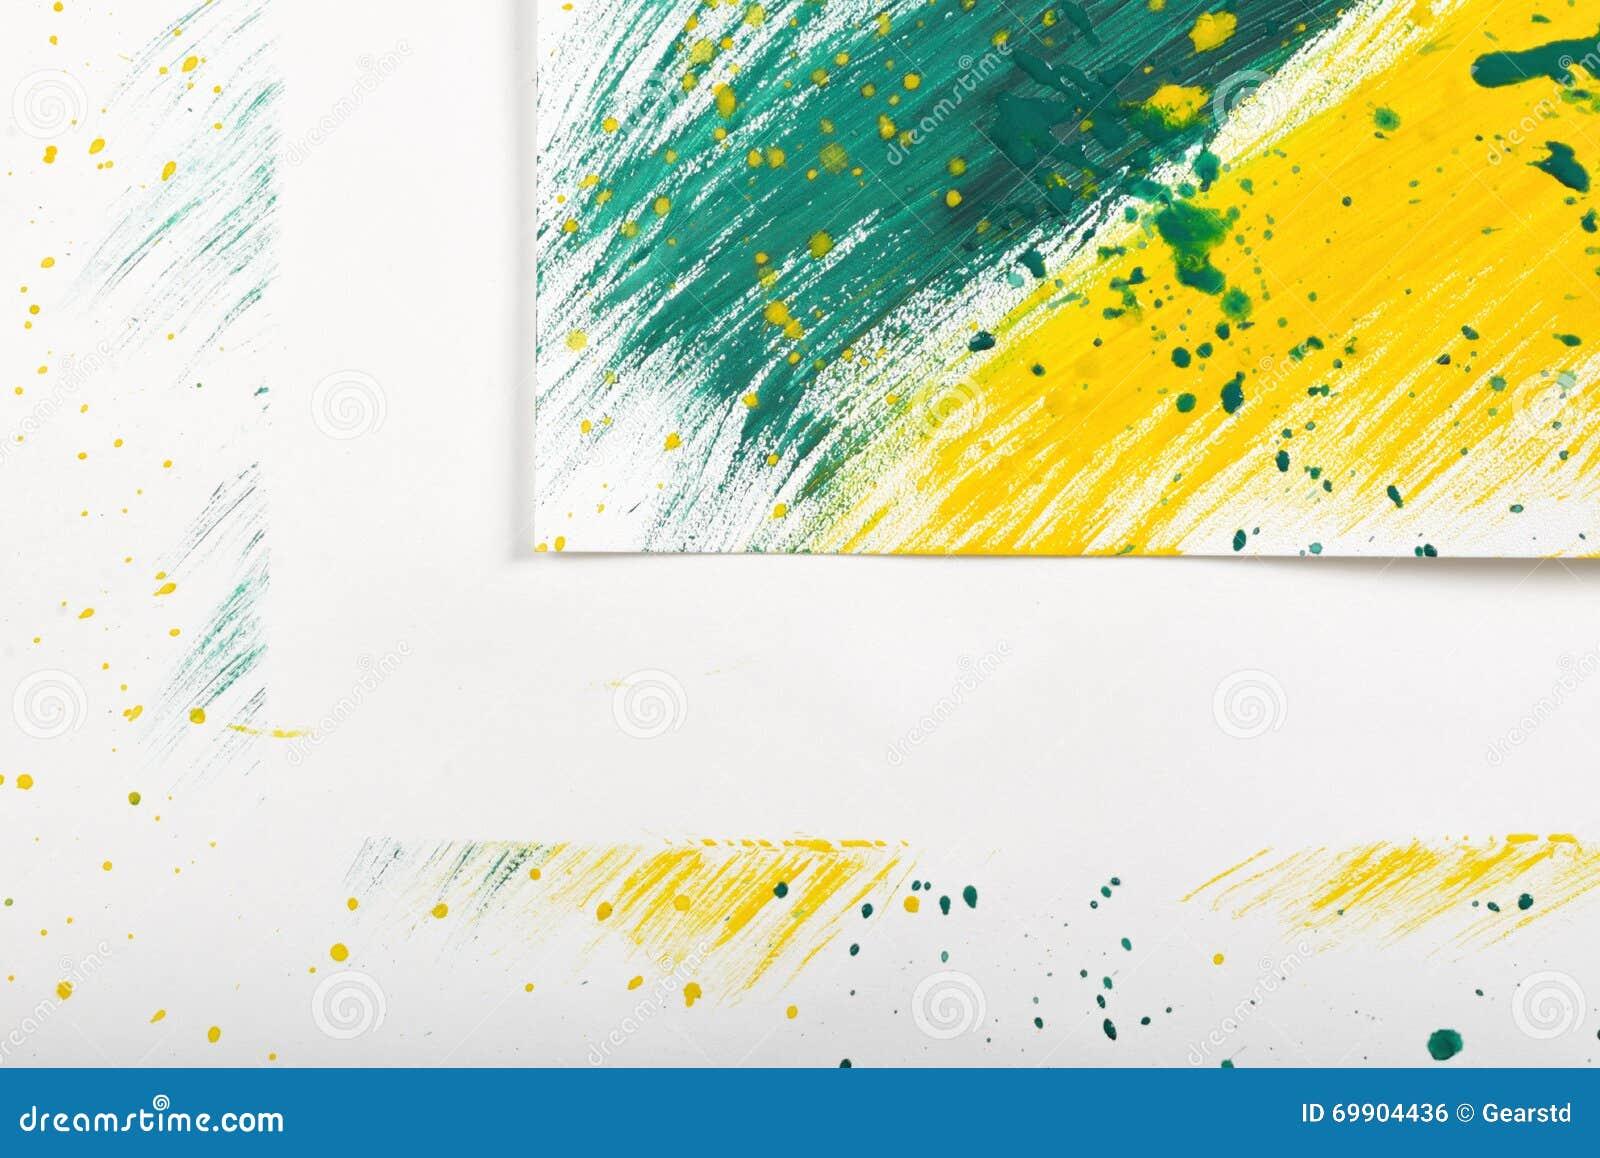 黄绿抽象剪影的特写镜头角落在白色背景的与手画树胶水彩画颜料刷子图片